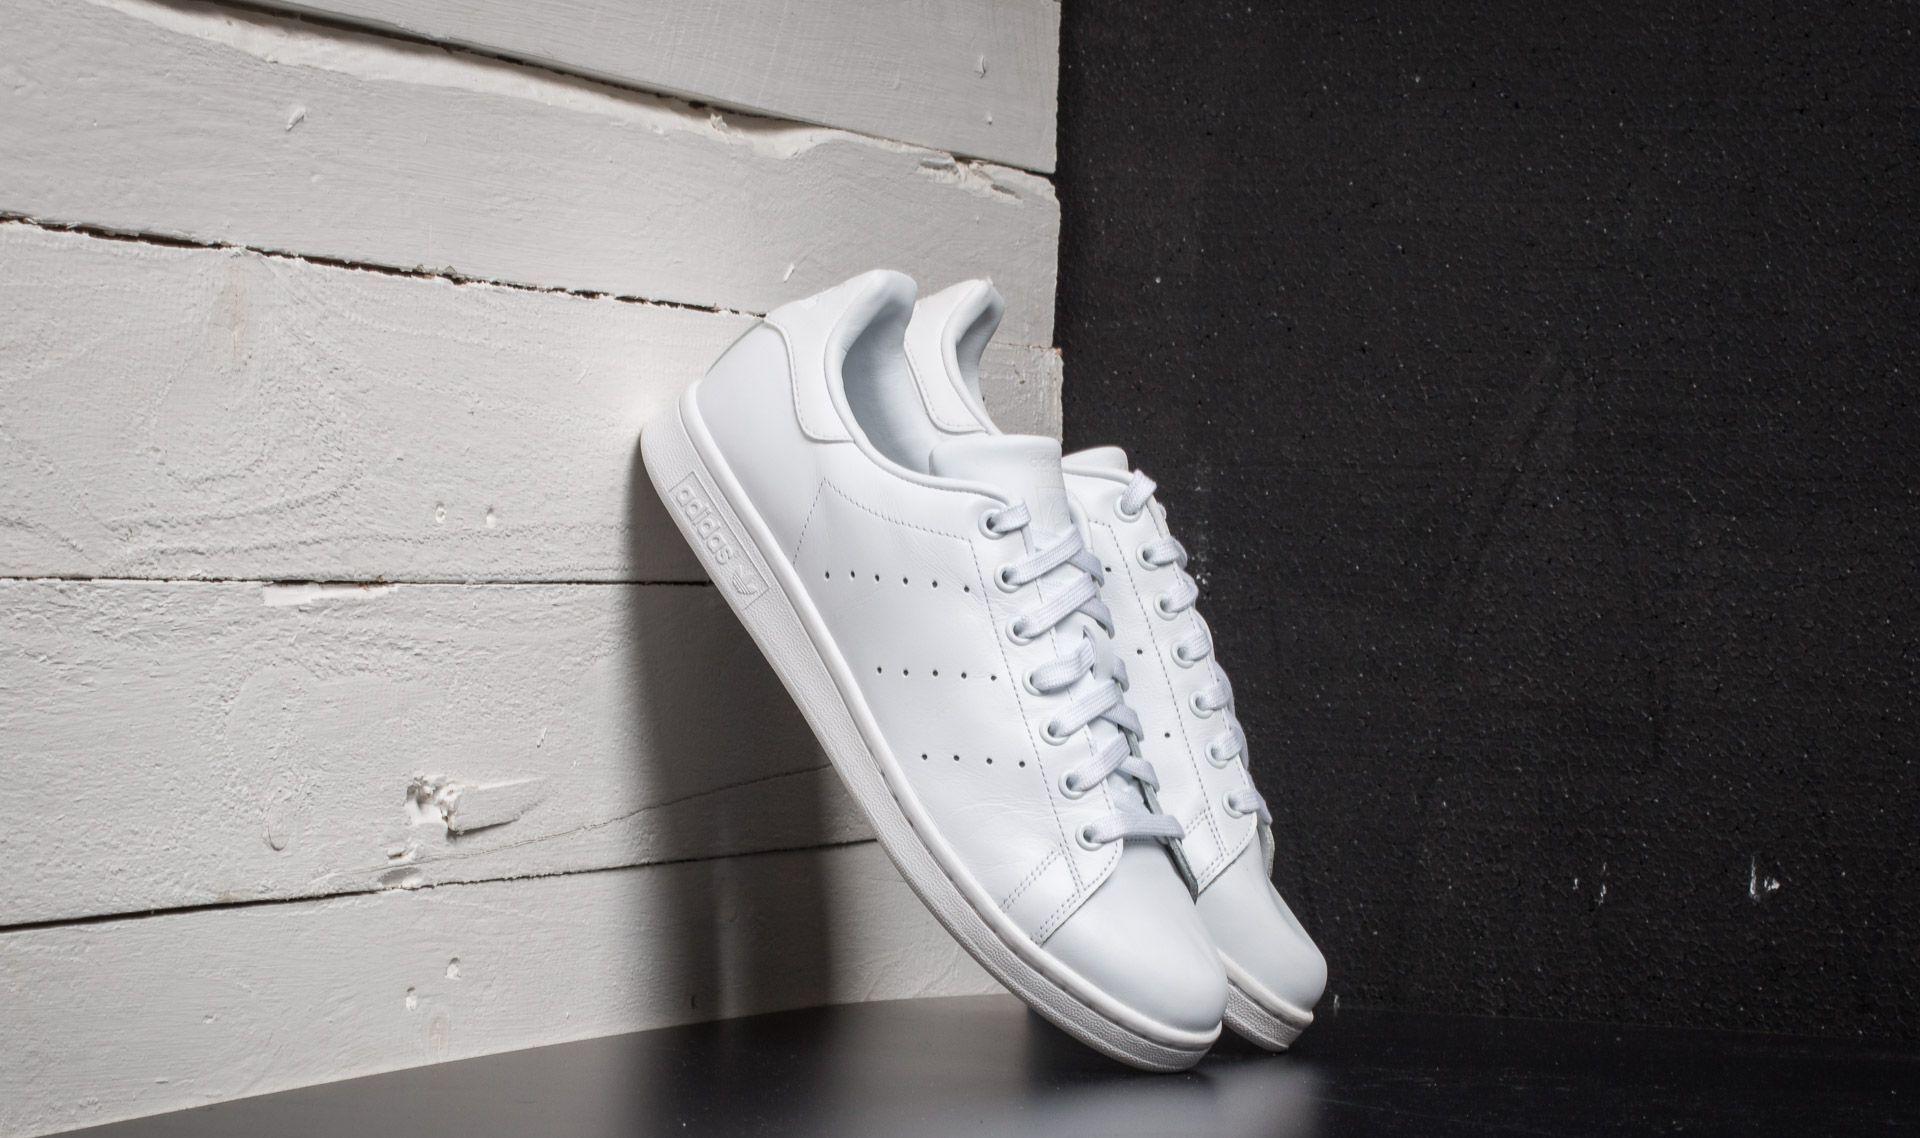 adidas Stan Smith Ftw White/ Ftw White/ Ftw White S75104